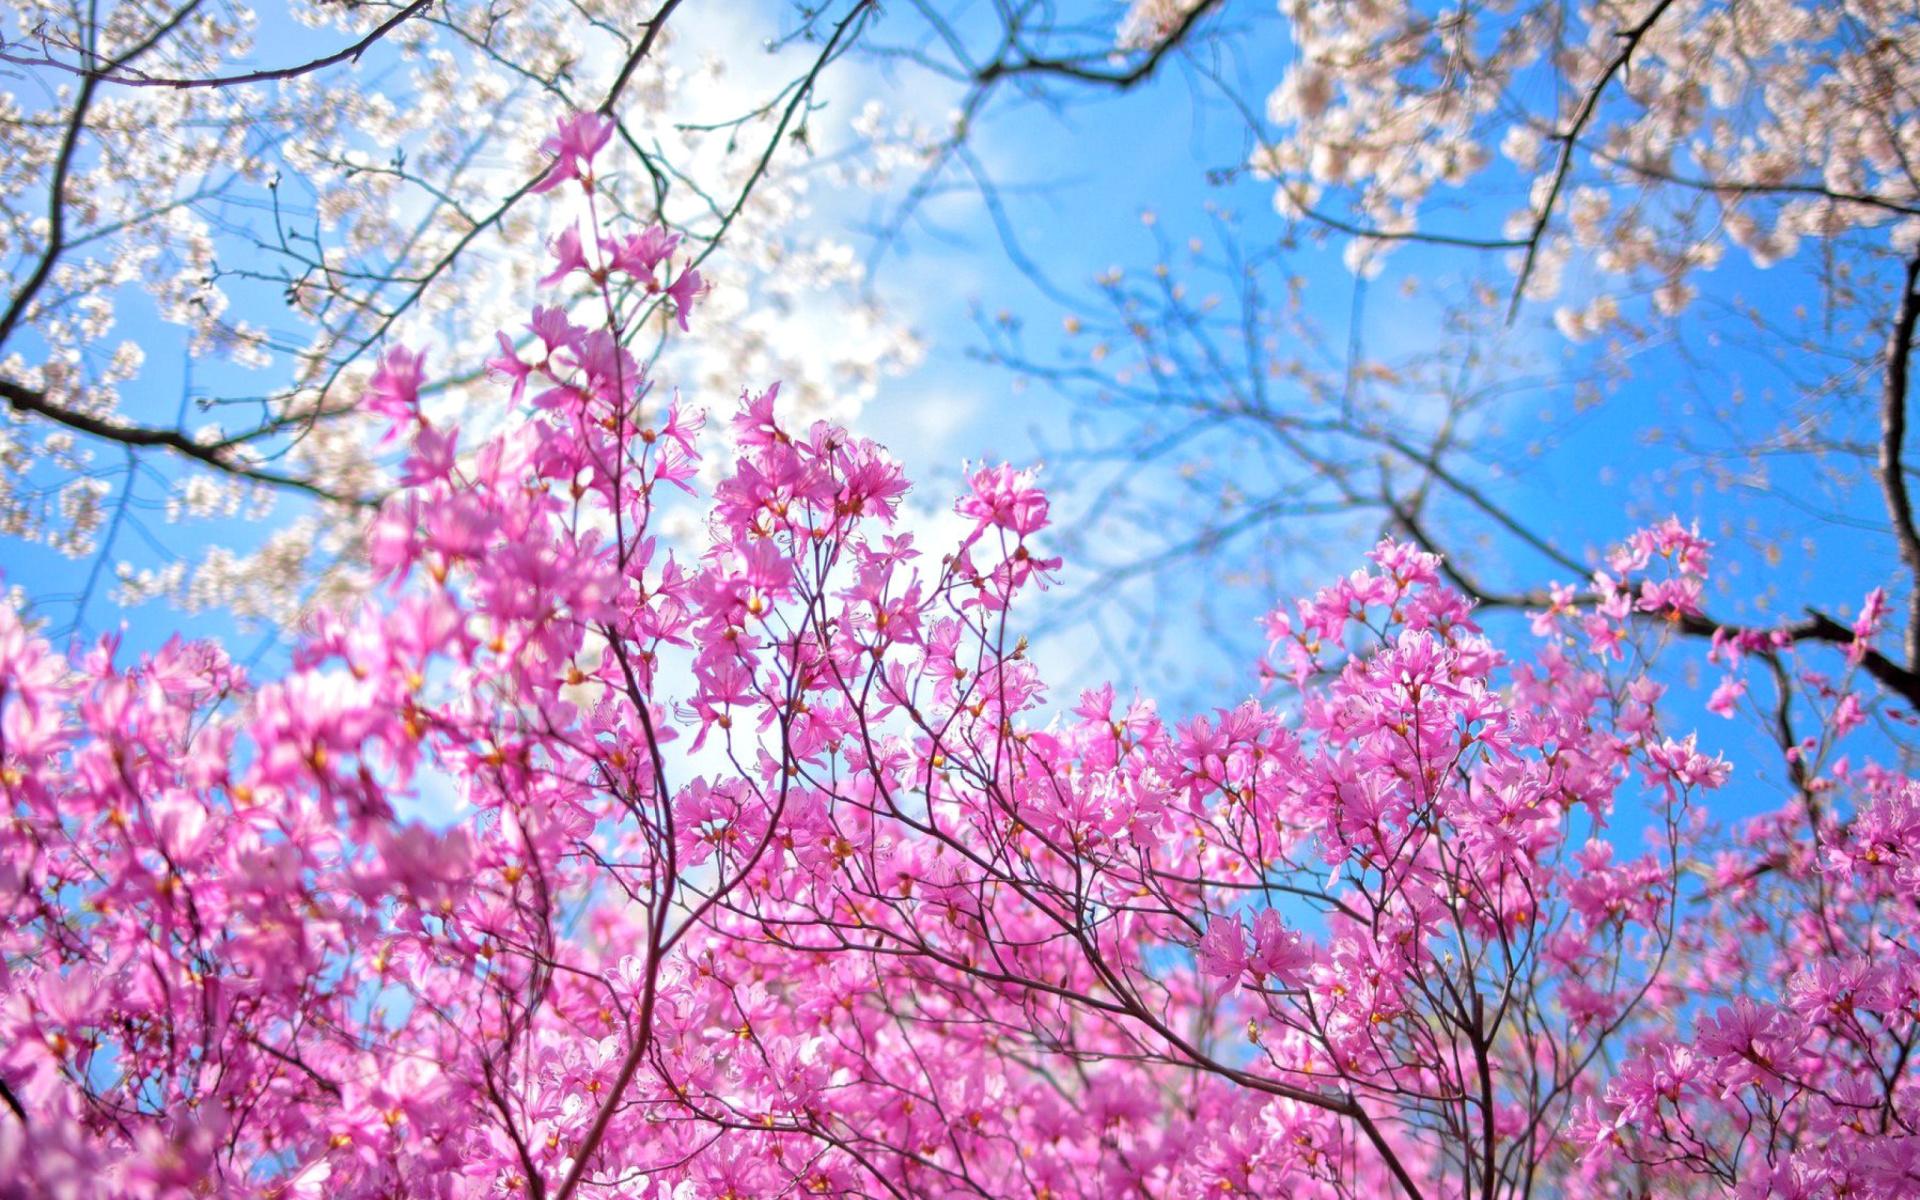 обои цветущие деревья для рабочего стола № 431698 загрузить